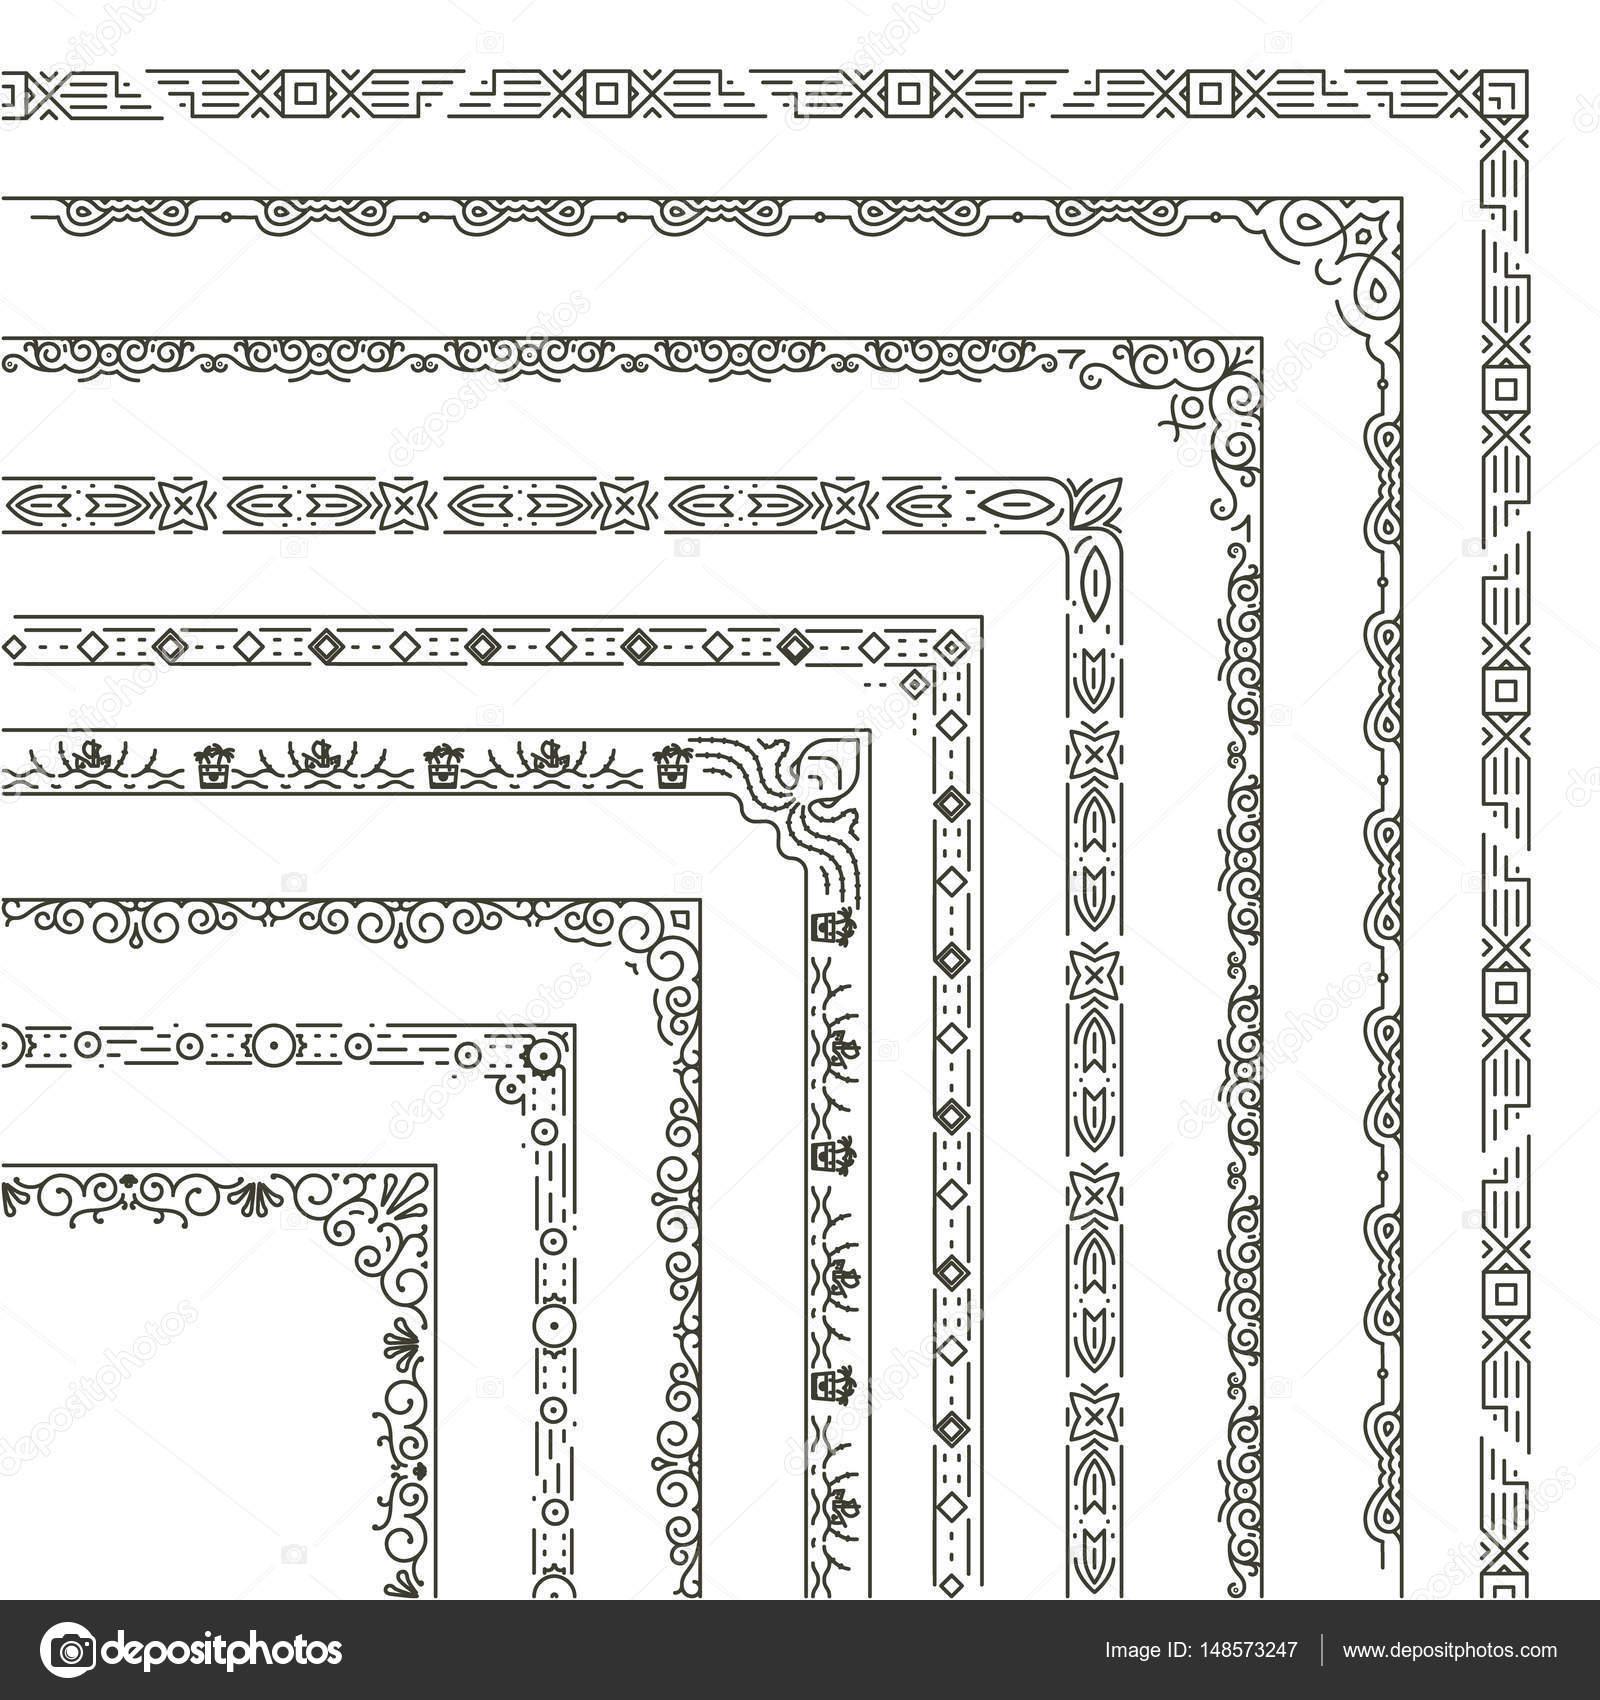 Bordes y esquinas del marco ornamentales vector — Archivo Imágenes ...